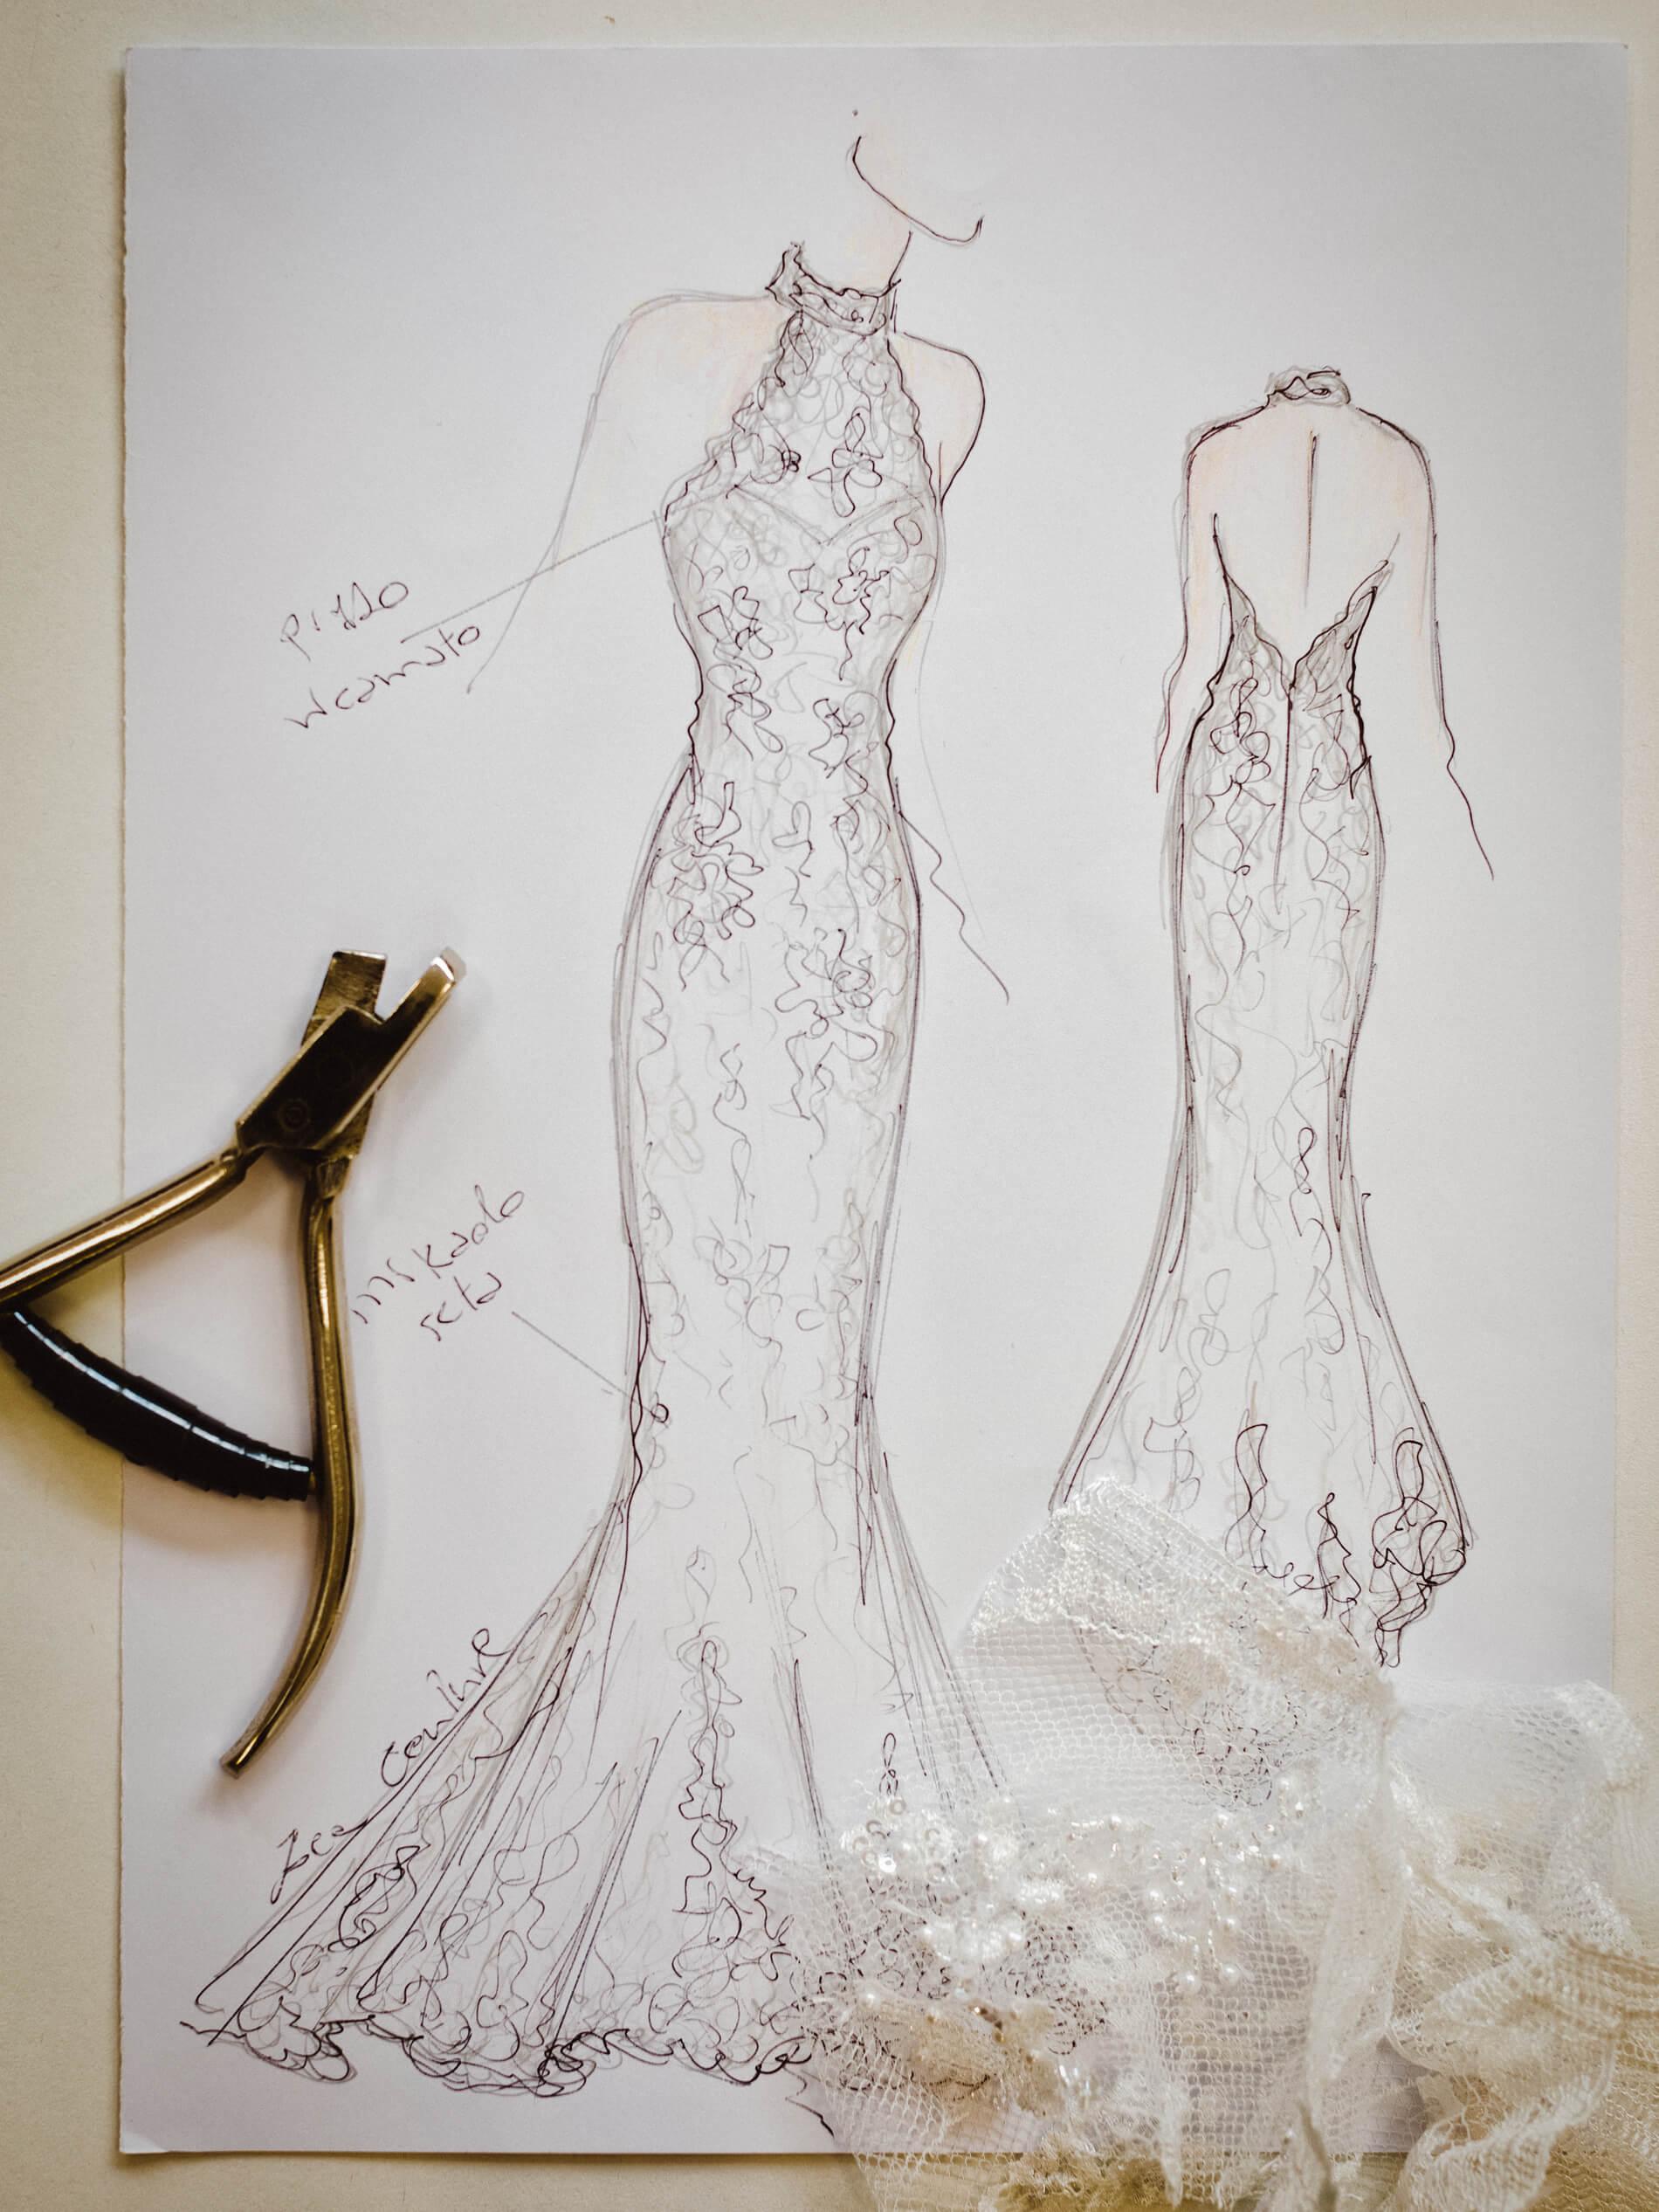 Selma - Zea Couture - Schizzo Modello Abiti da Sposa